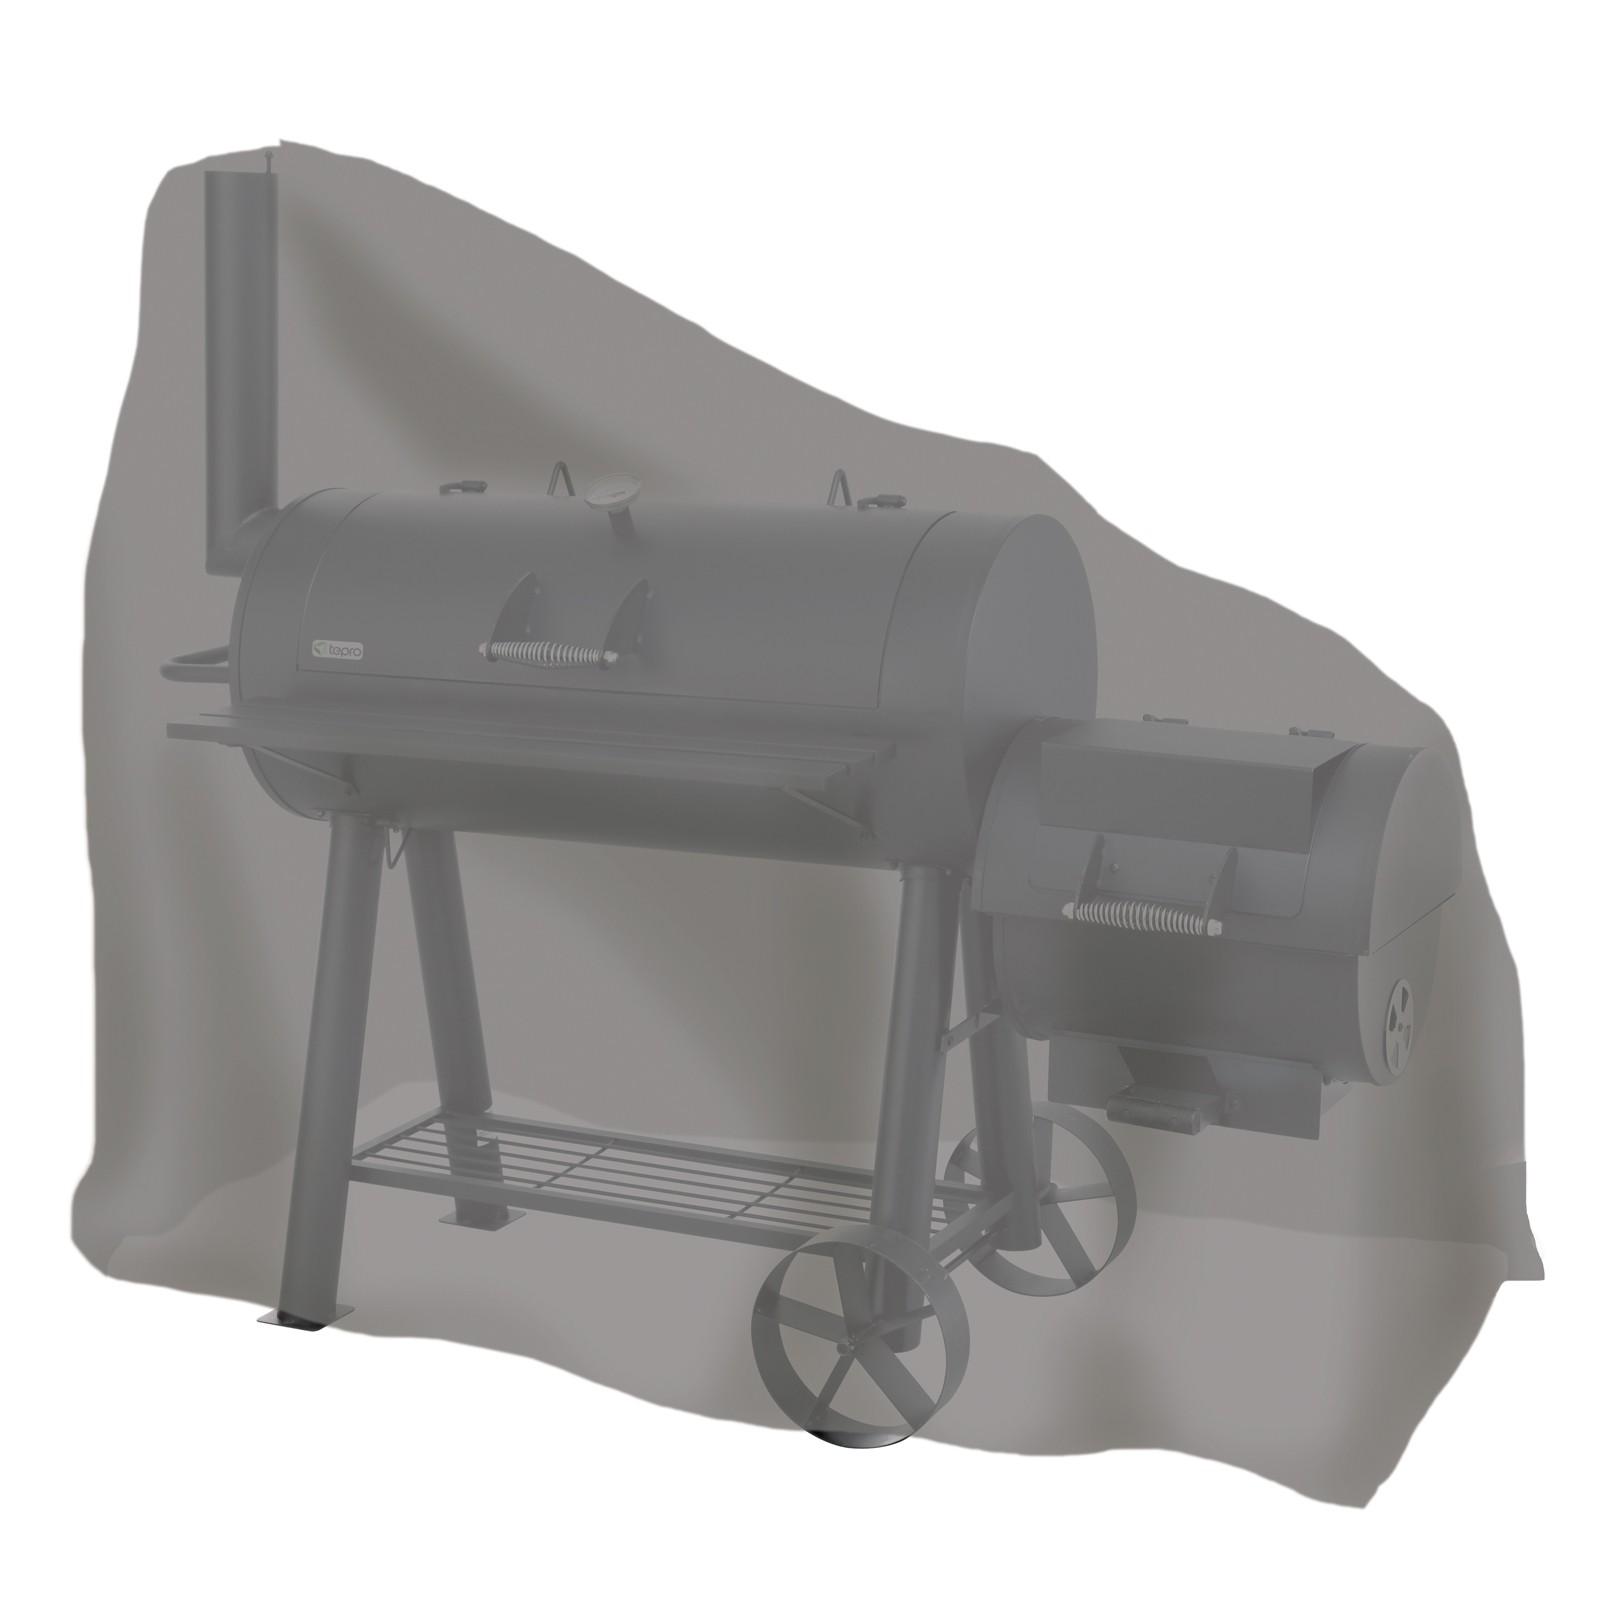 tepro grillabdeckung schutzh lle abdeckhaube plane f r. Black Bedroom Furniture Sets. Home Design Ideas